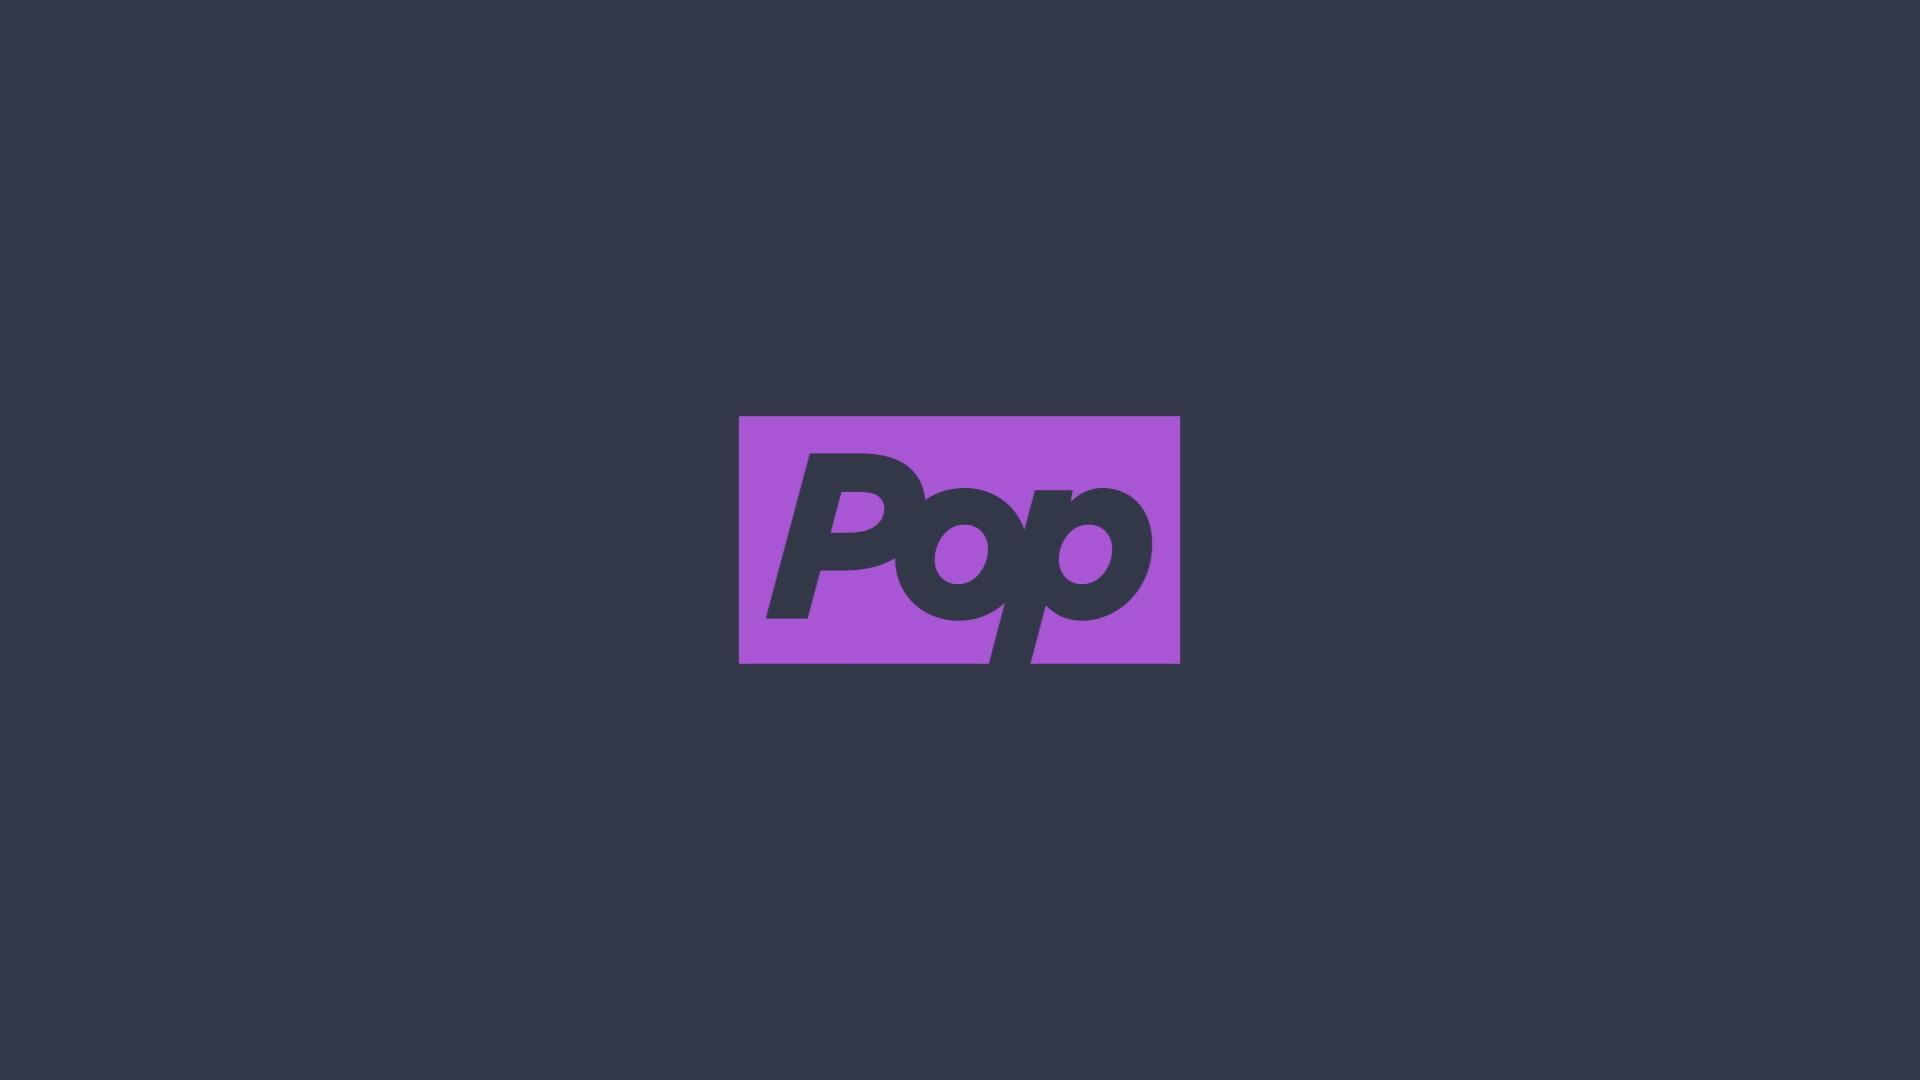 Flashdance_POP_02.jpg